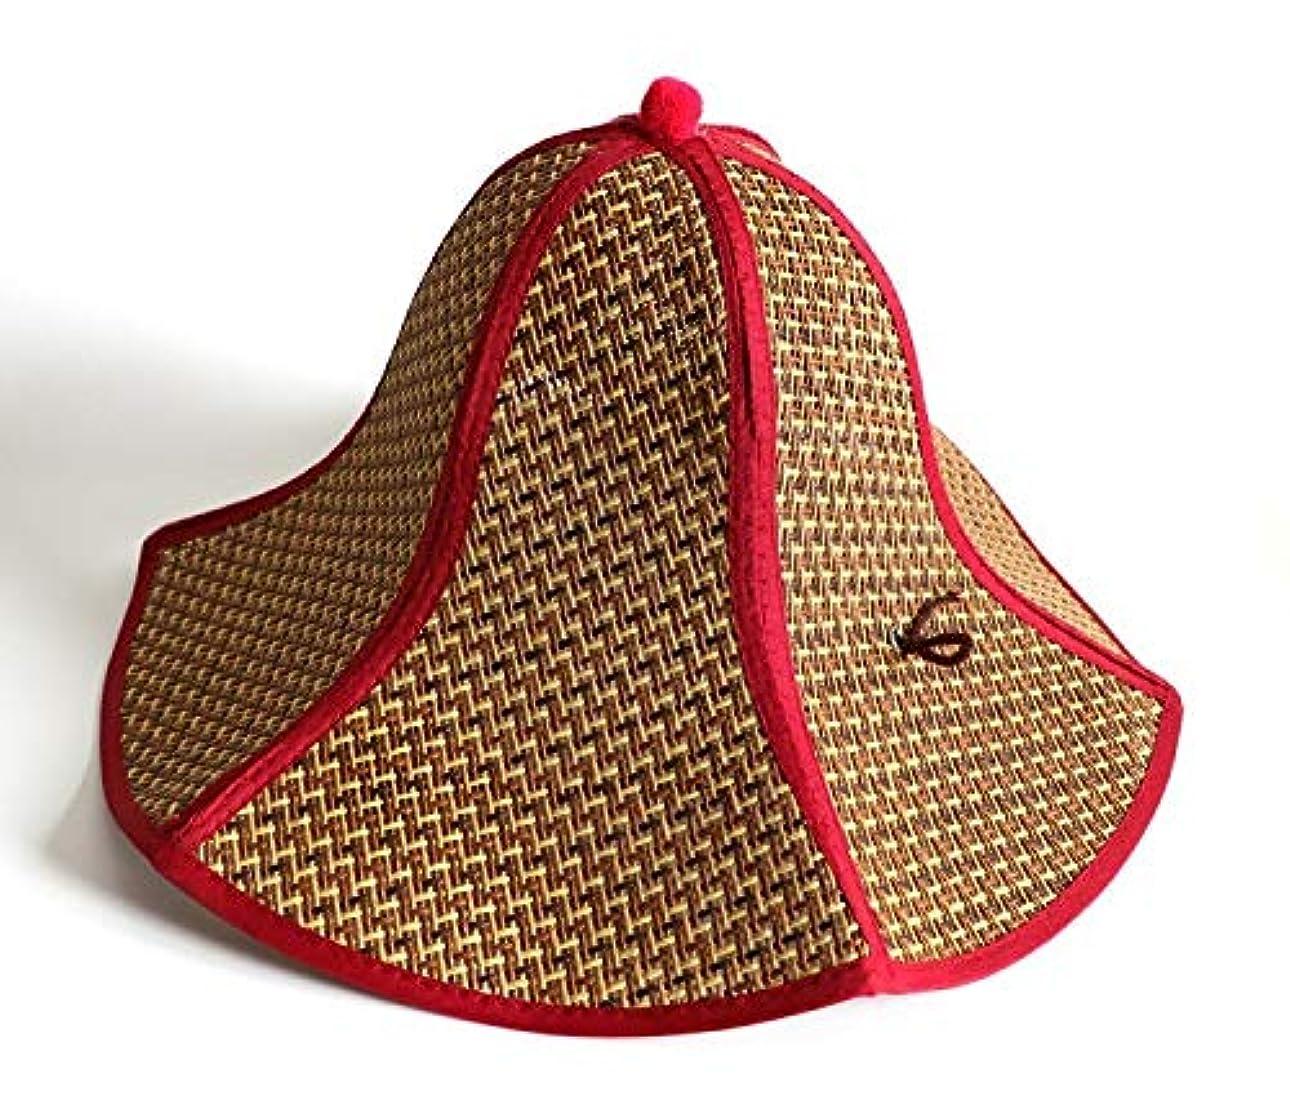 カリキュラム遺伝子日食フロッピー麦わら帽子 大きなつばのサンハット レディース サマービーチキャップ 大きな折りたたみ式 フェドーラハット